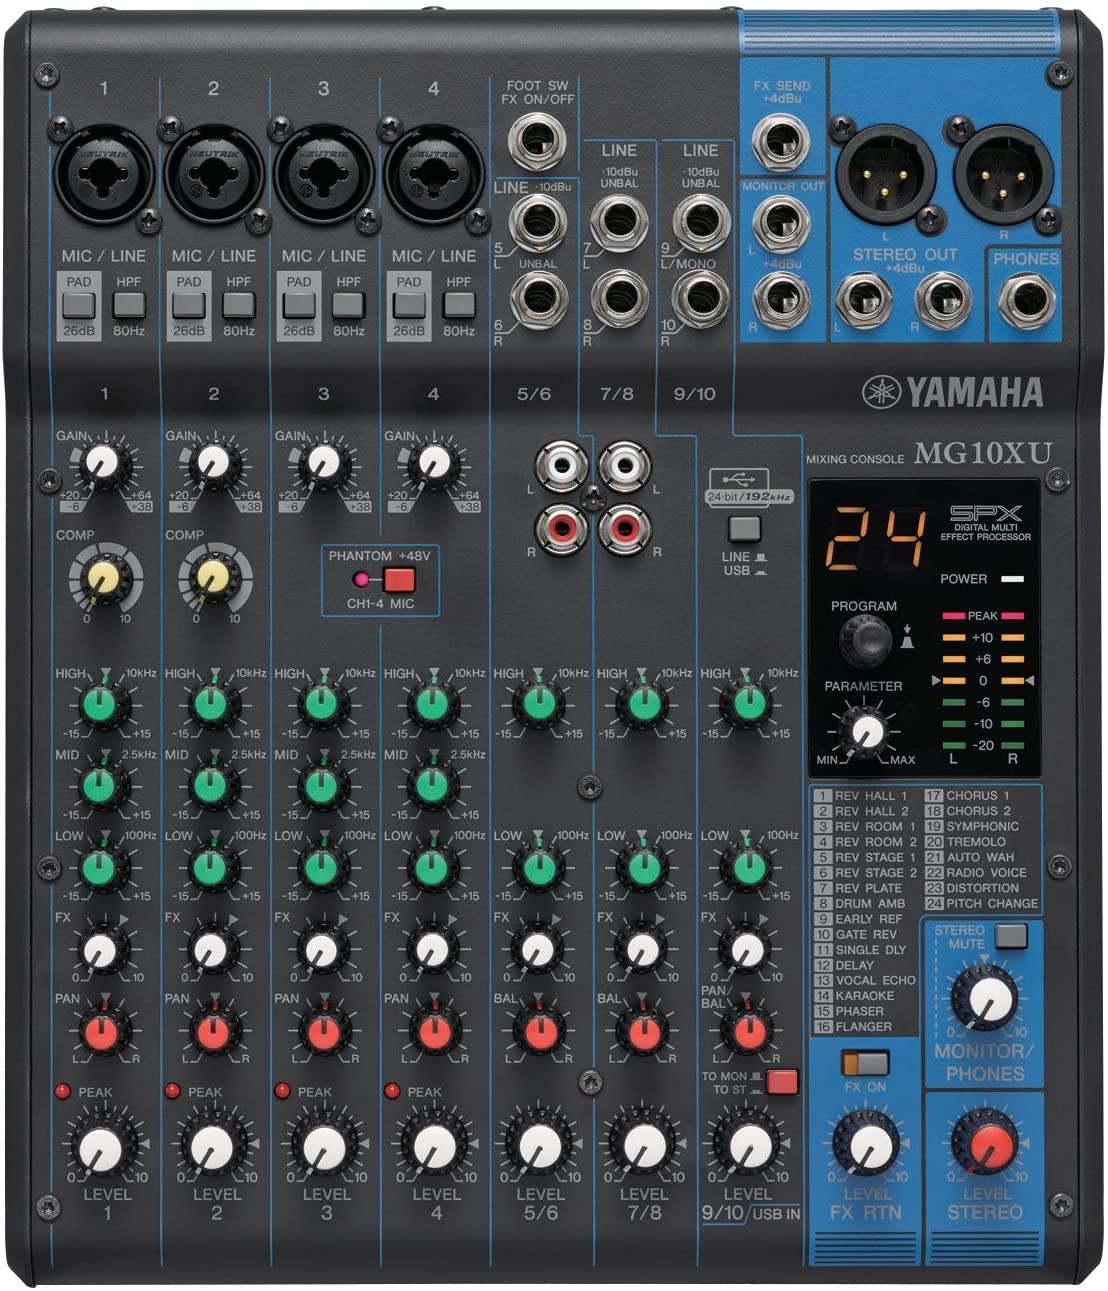 Yamaha Stereo Mixer